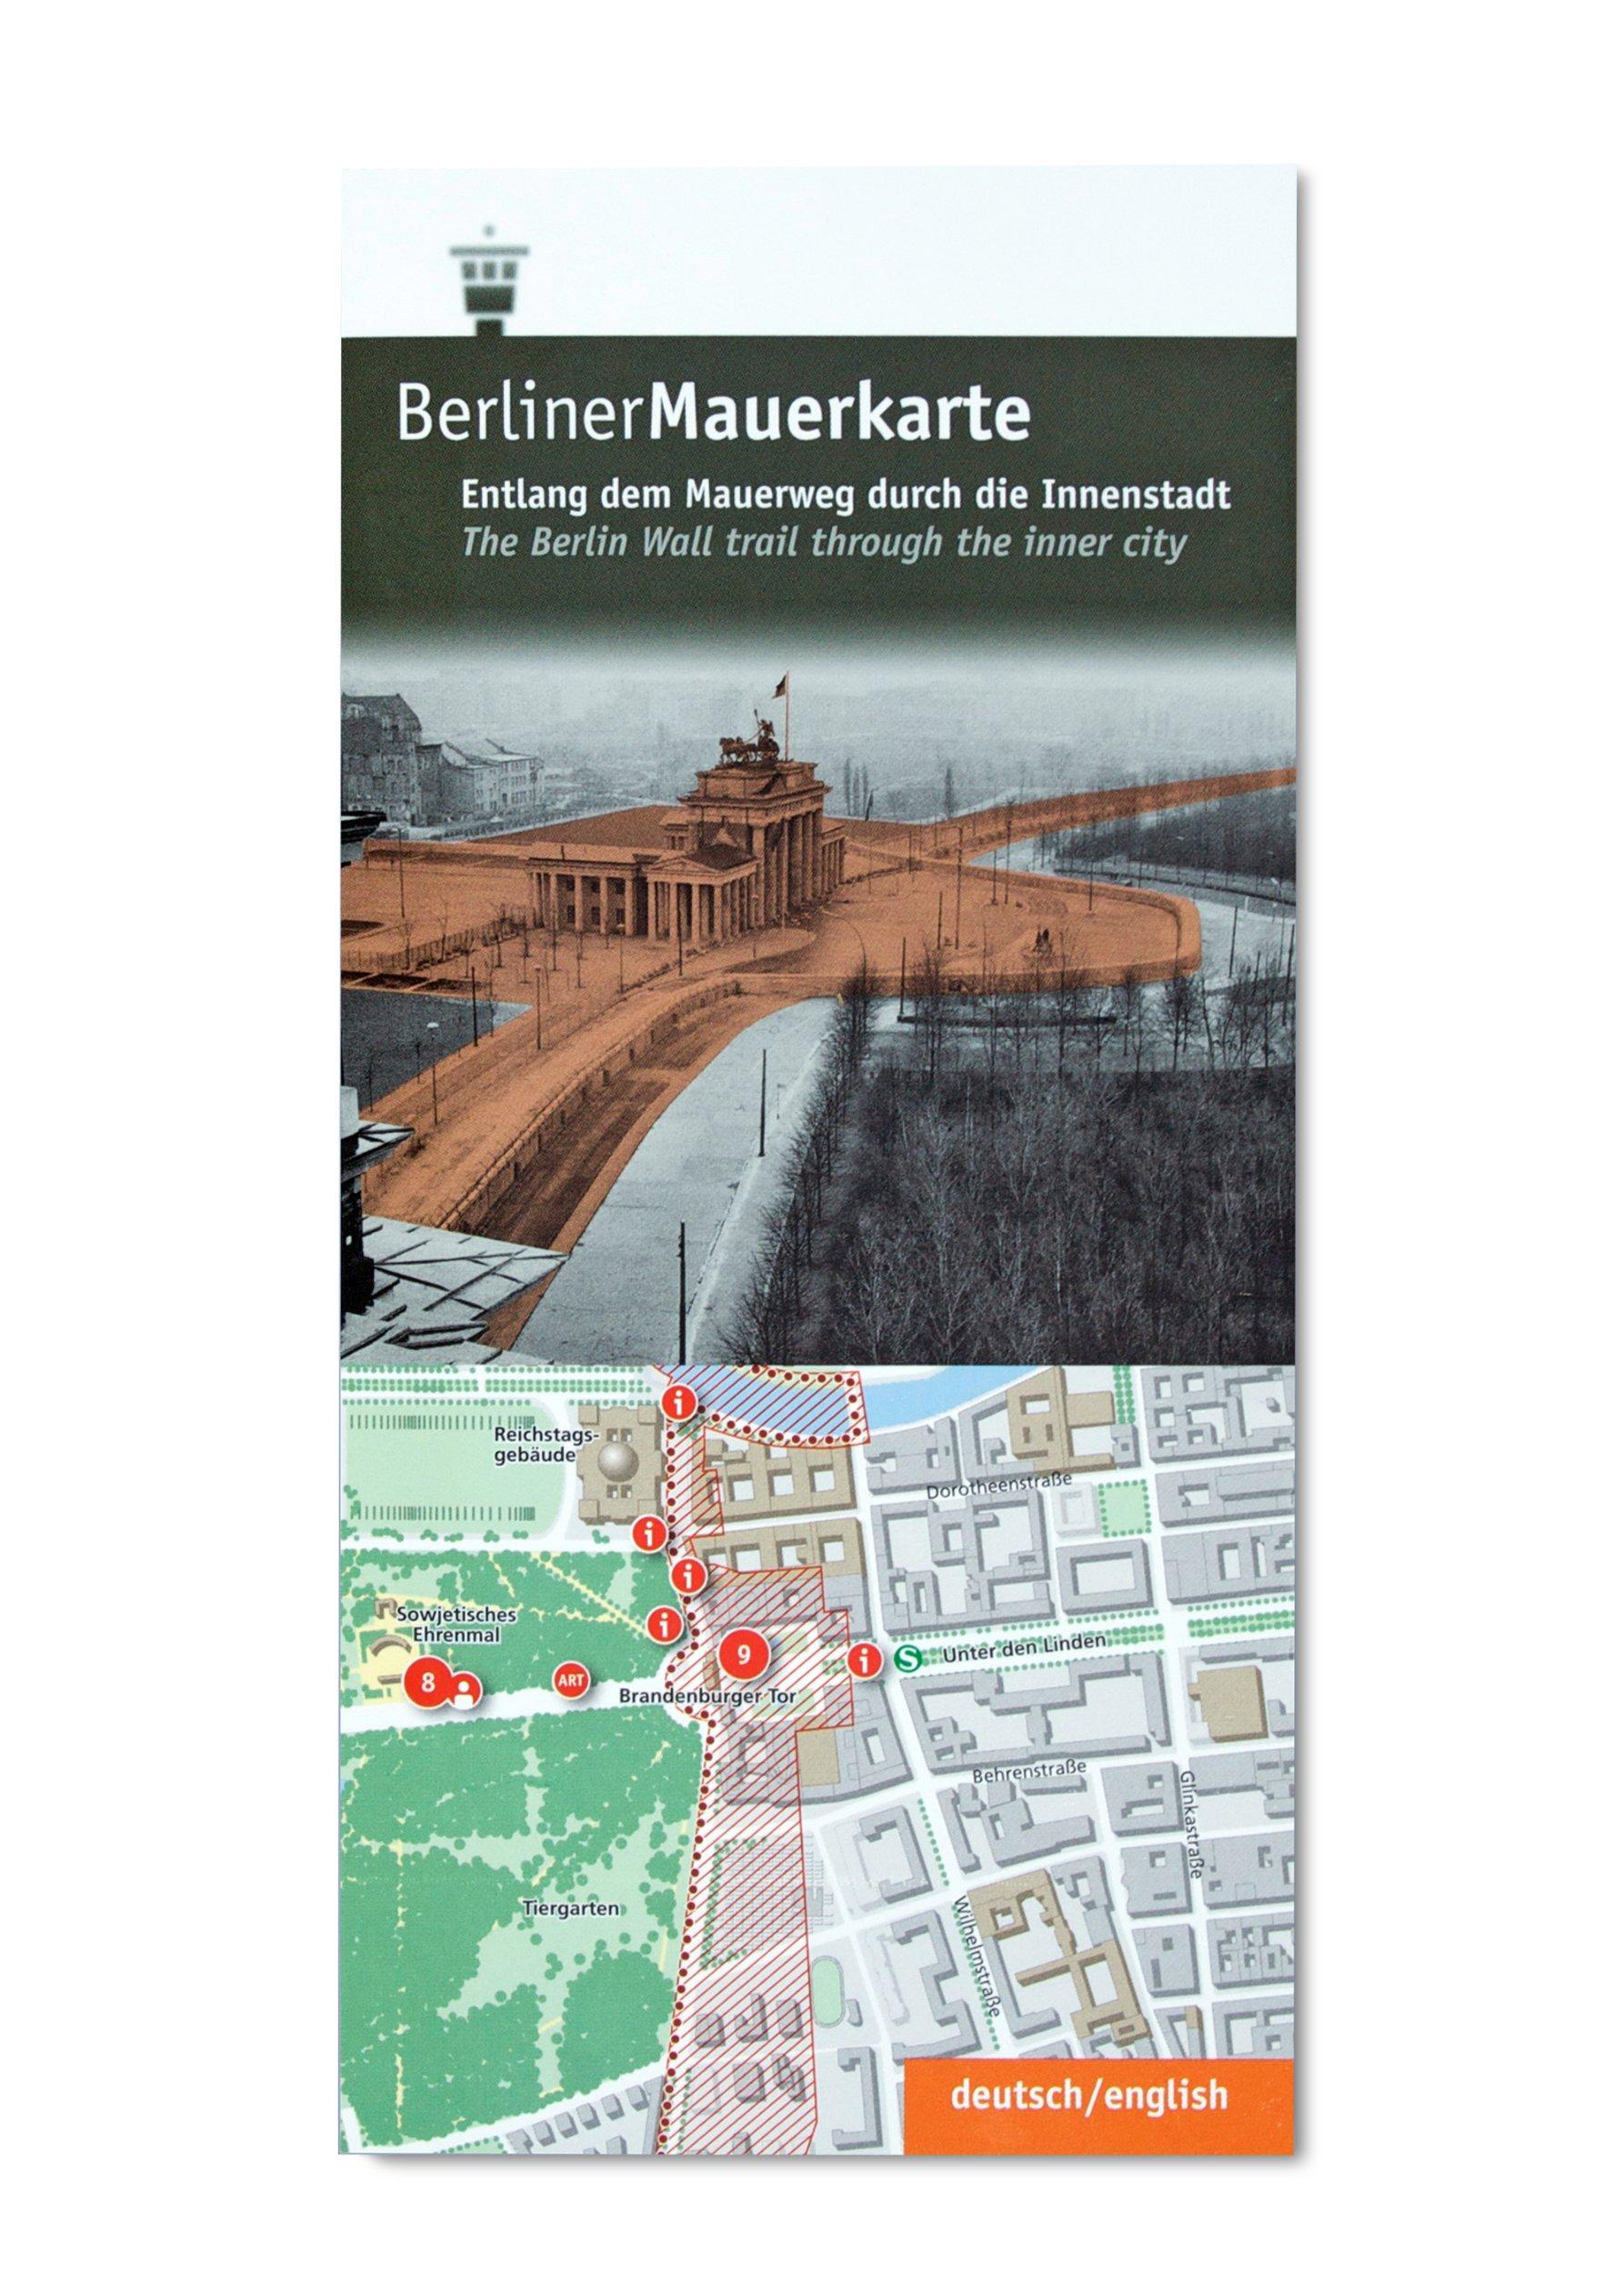 Berliner Mauerkarte